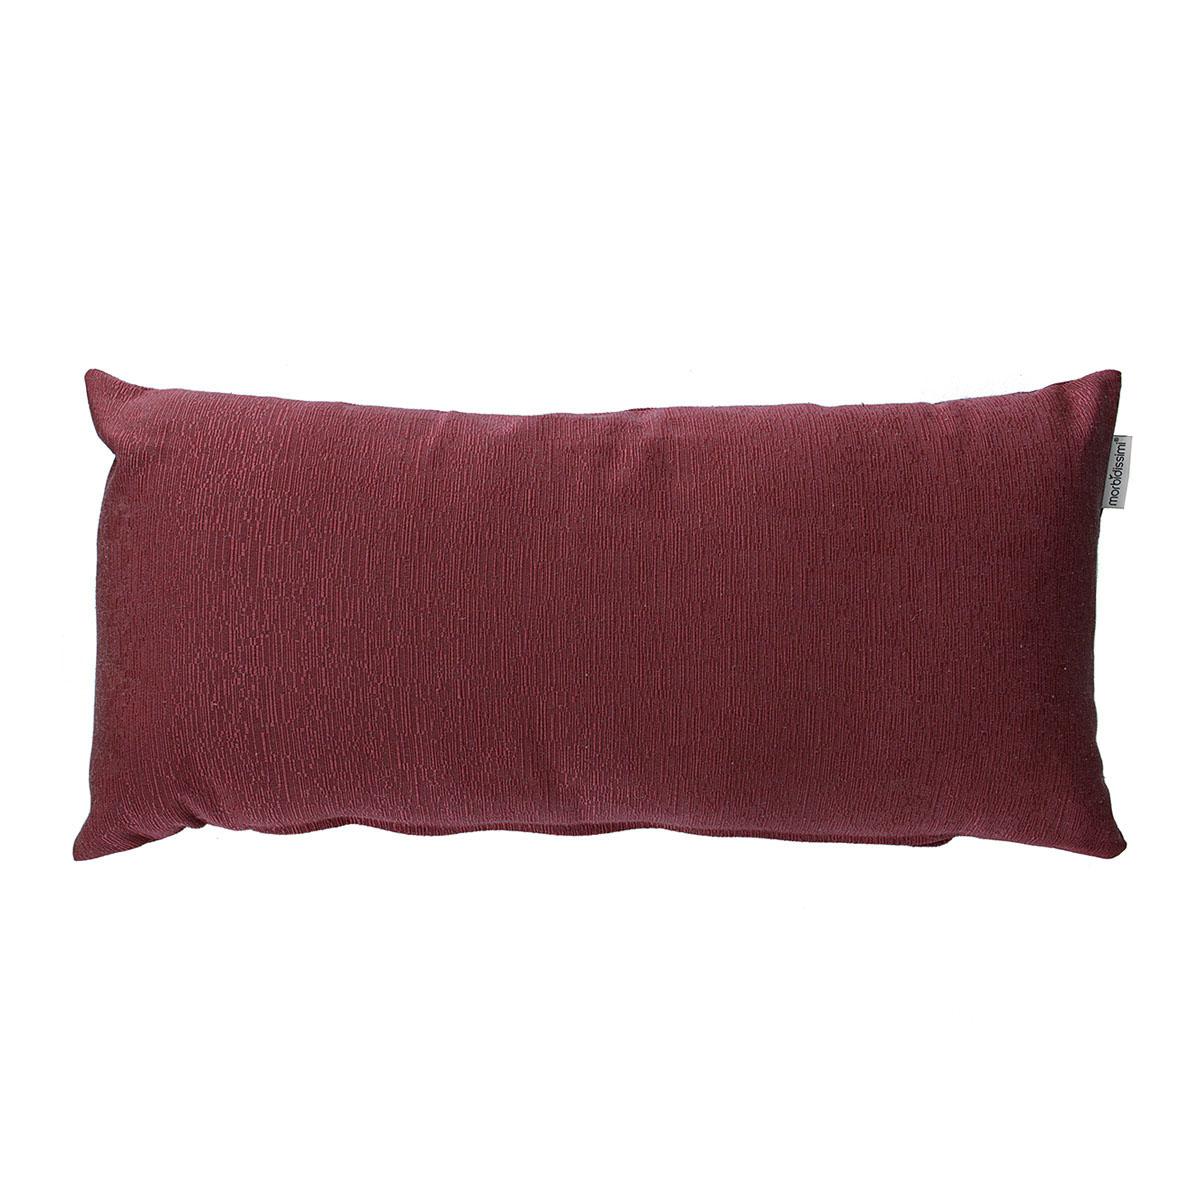 cuscino rettangolare ottoman bordeaux